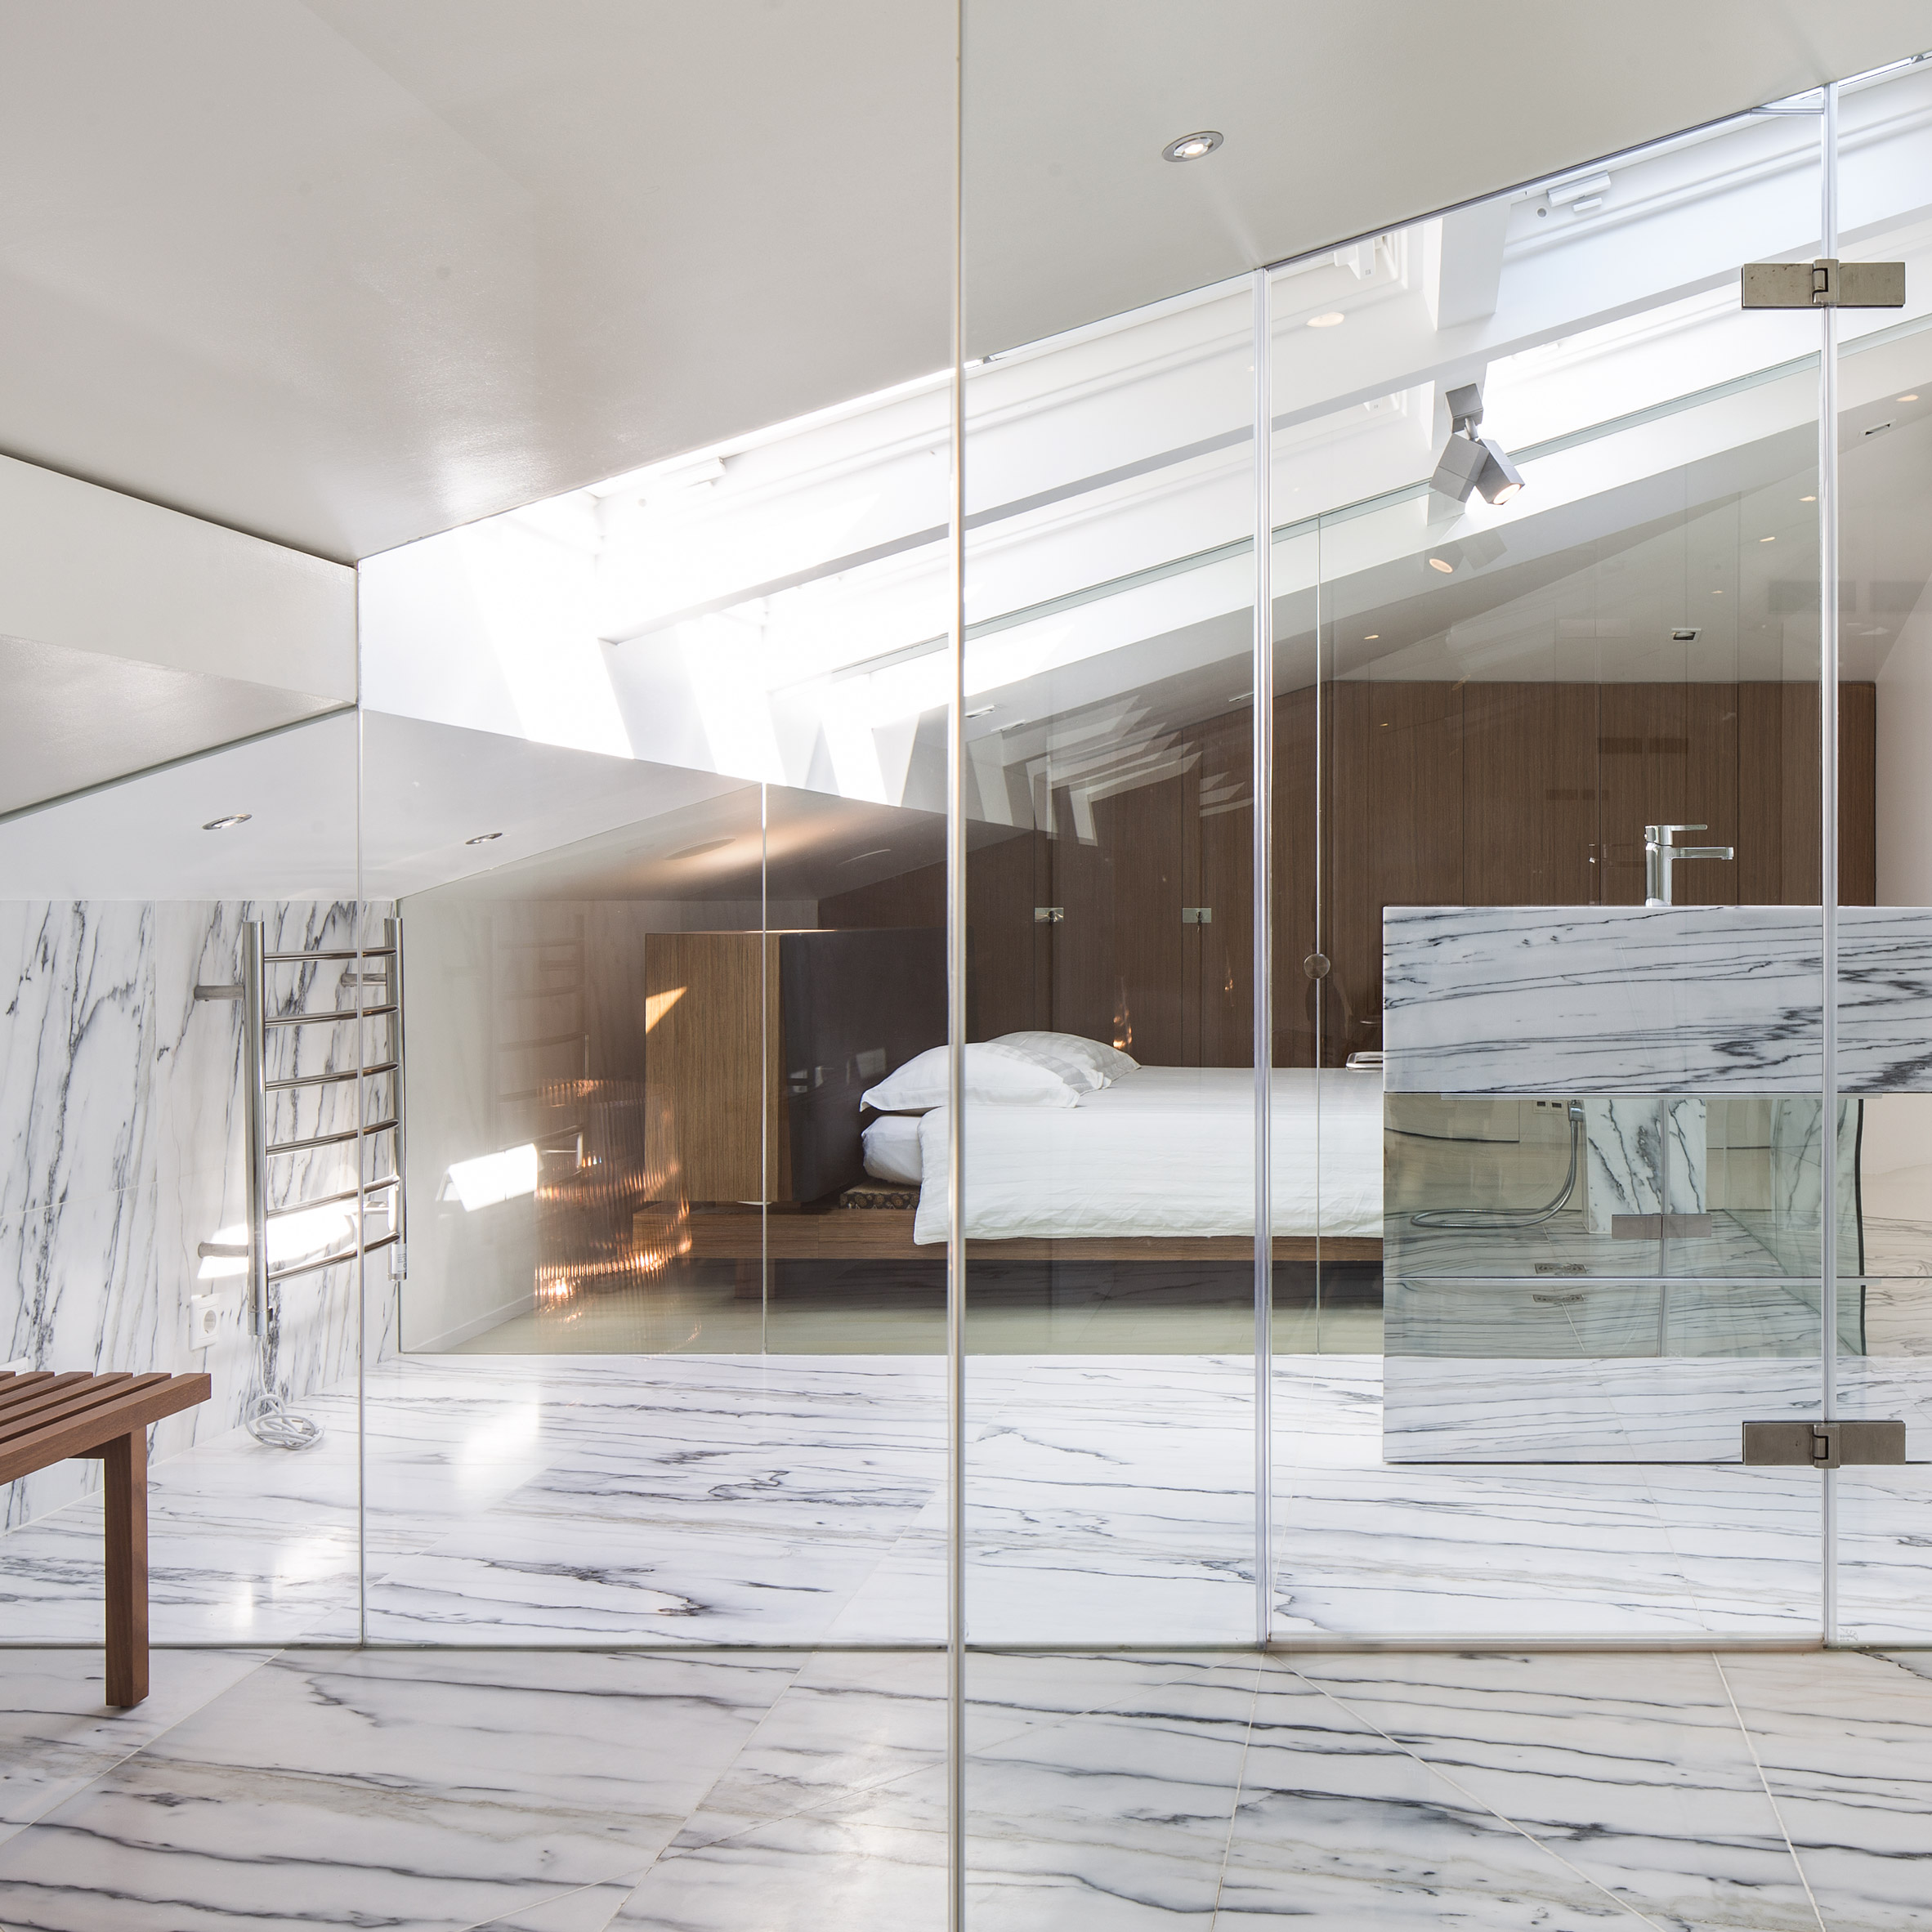 Dezeen roundups: Marble home interiors